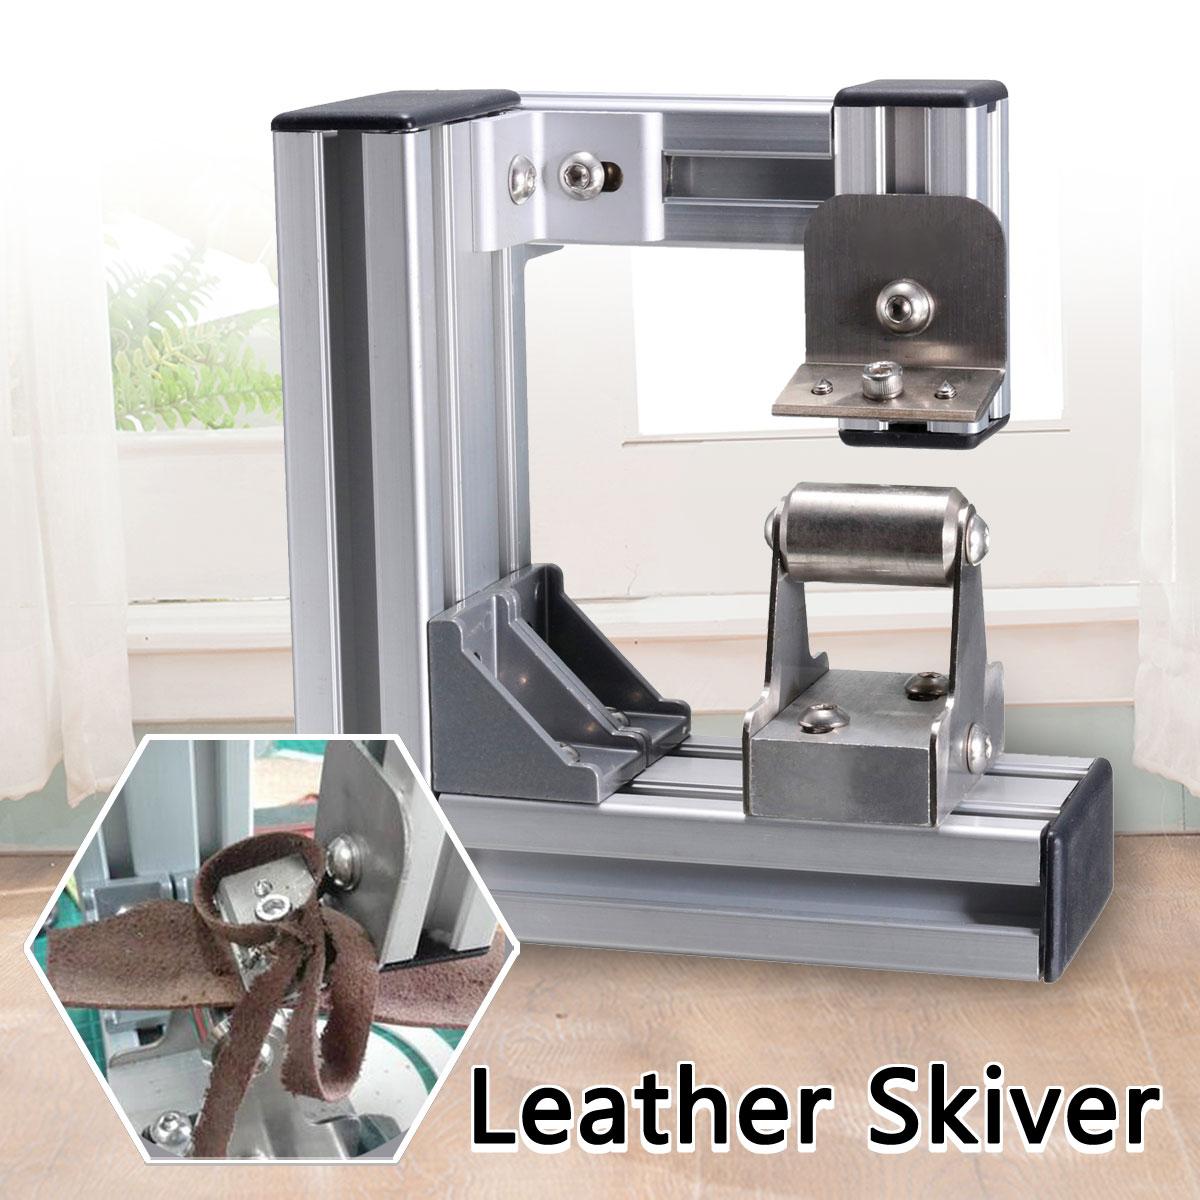 En cuir Skiver machine séparatrice Bord Biseauter À Éplucher Cutter Leathercraft bricolage Outil